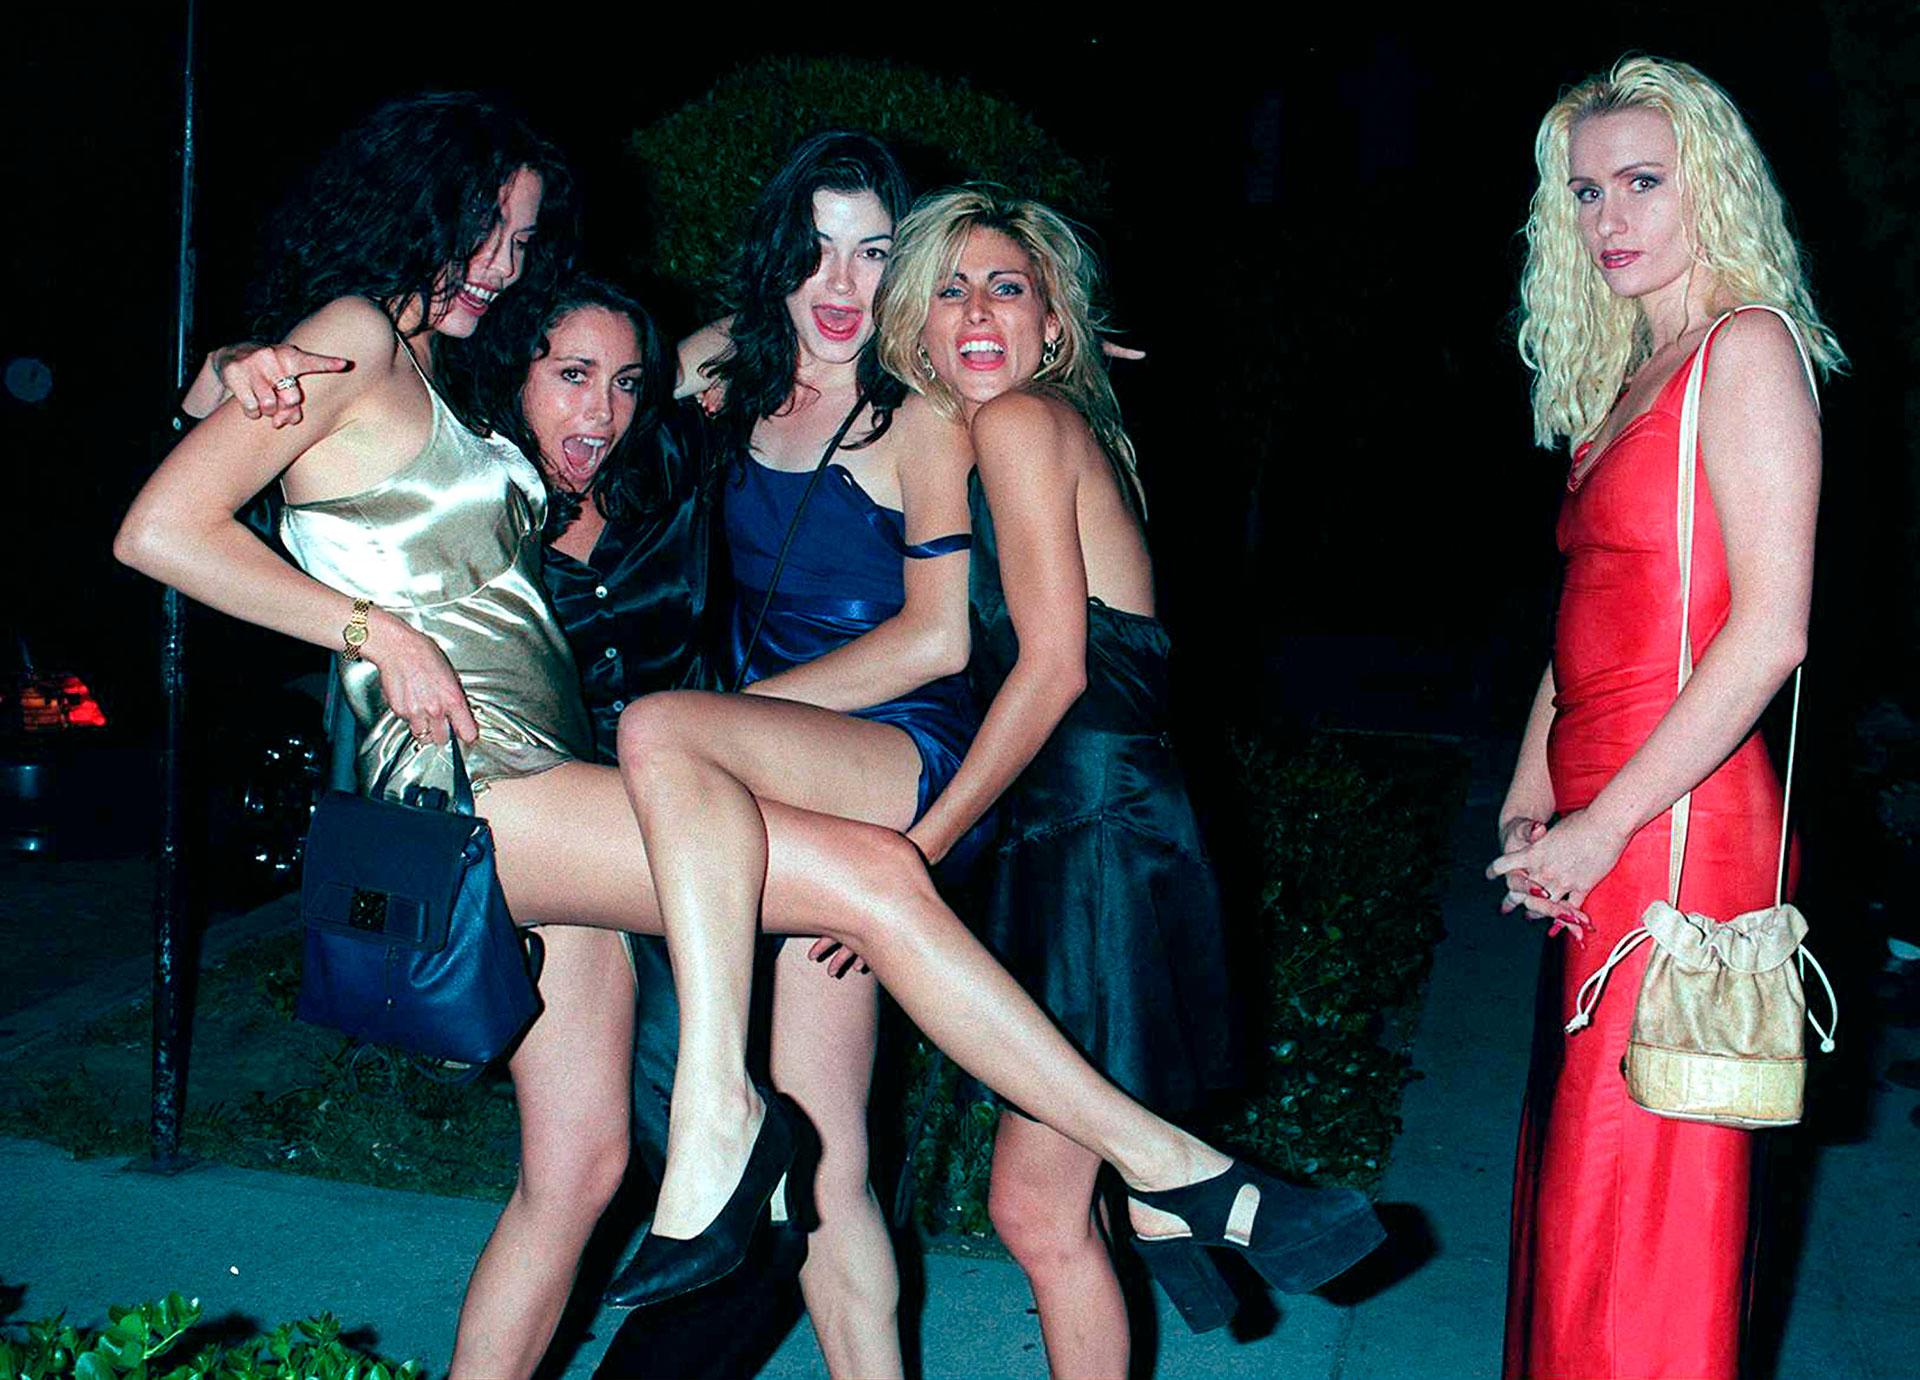 En 1993, Heidi Fleiss fue detenida por dirigir una supuesta red de prostitución para ricos y famosos en Hollywood (Getty)